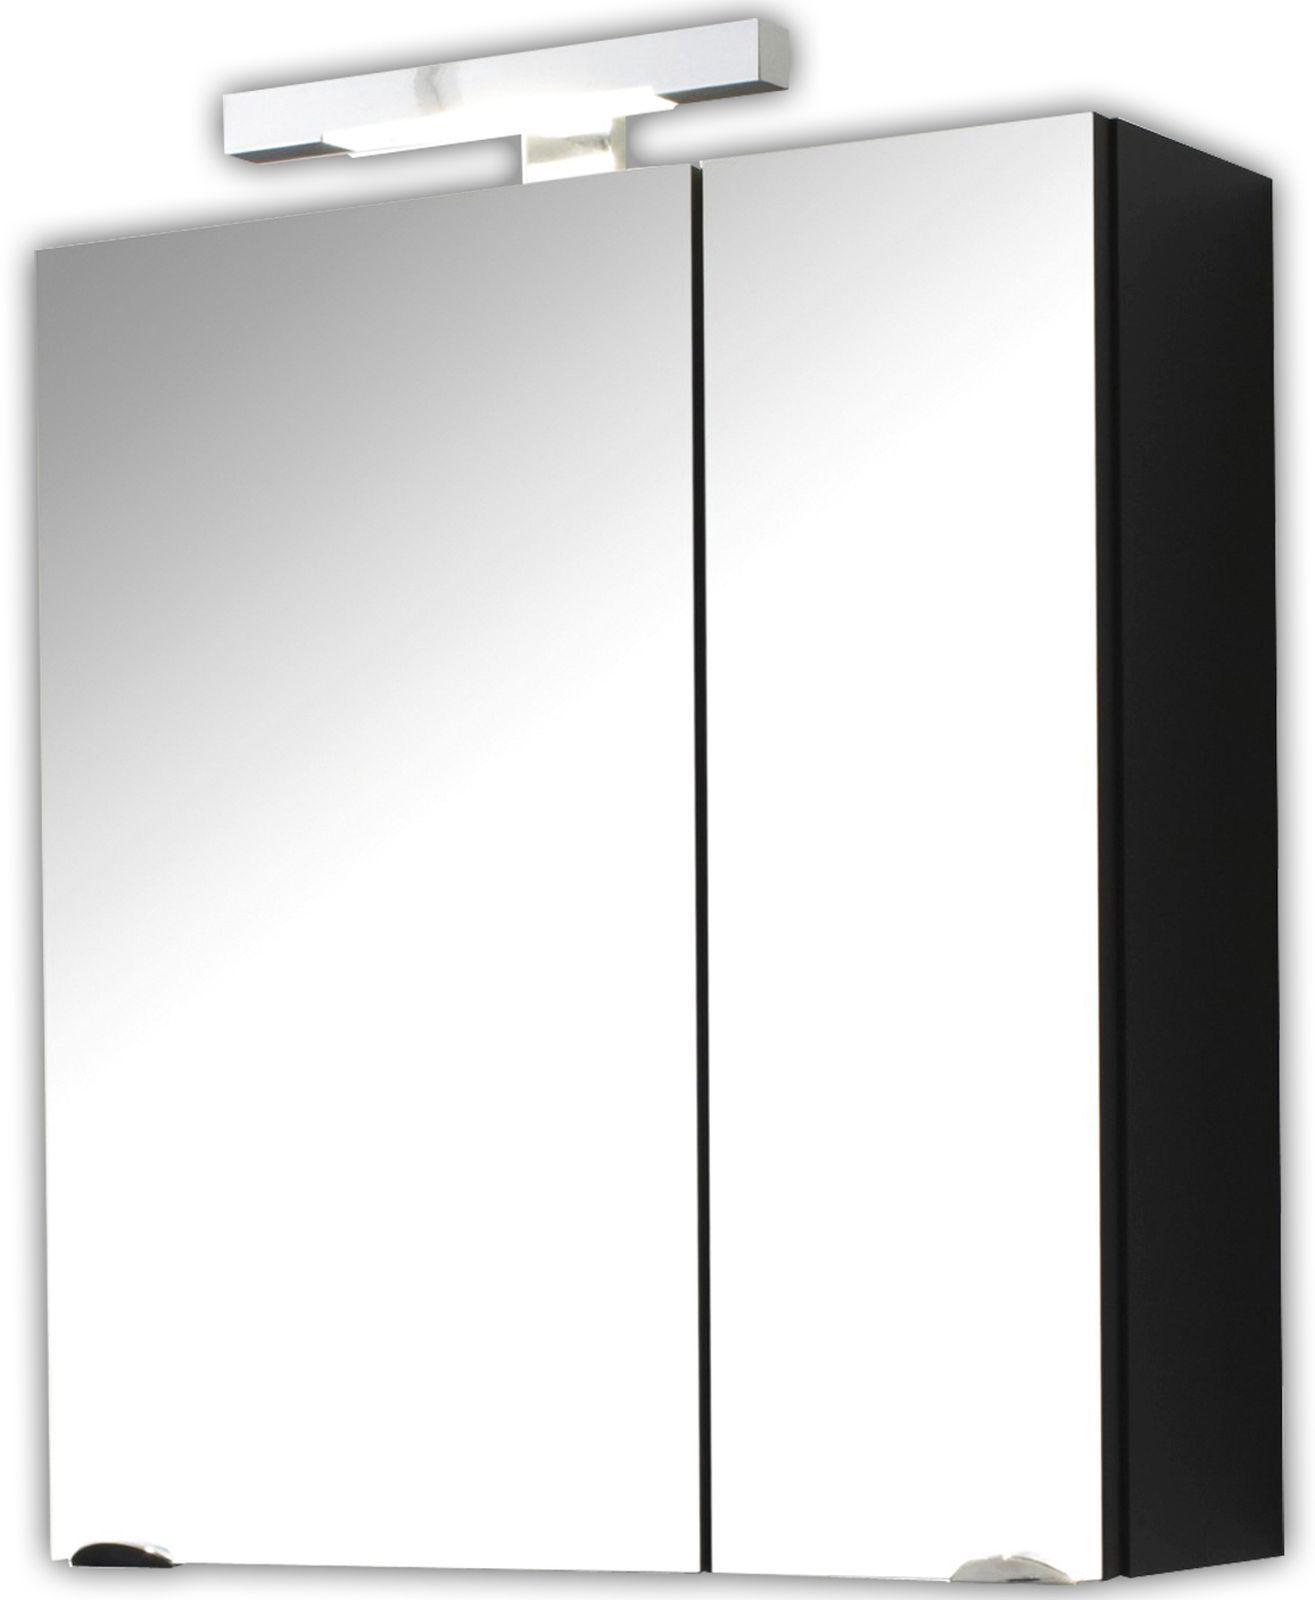 Badezimmer Spiegelschrank 60 Cm Günstig Bei Yatego, Badezimmer Ideen